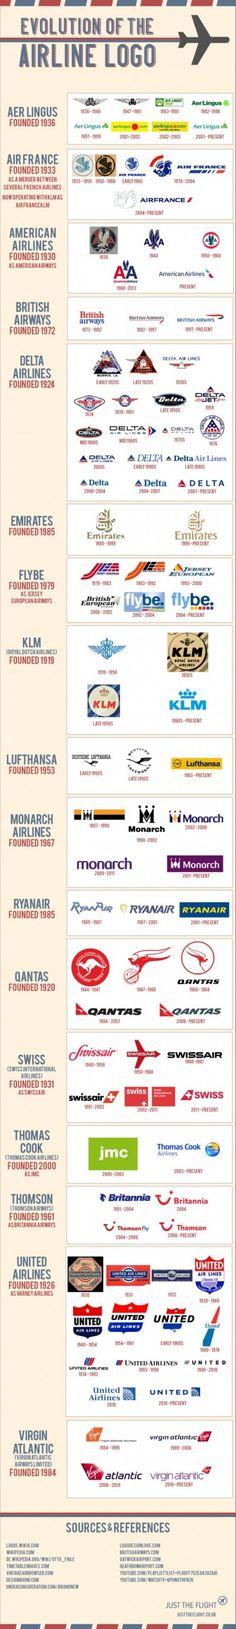 Evolución de los #logos de #aerolíneas del mundo. #infografia